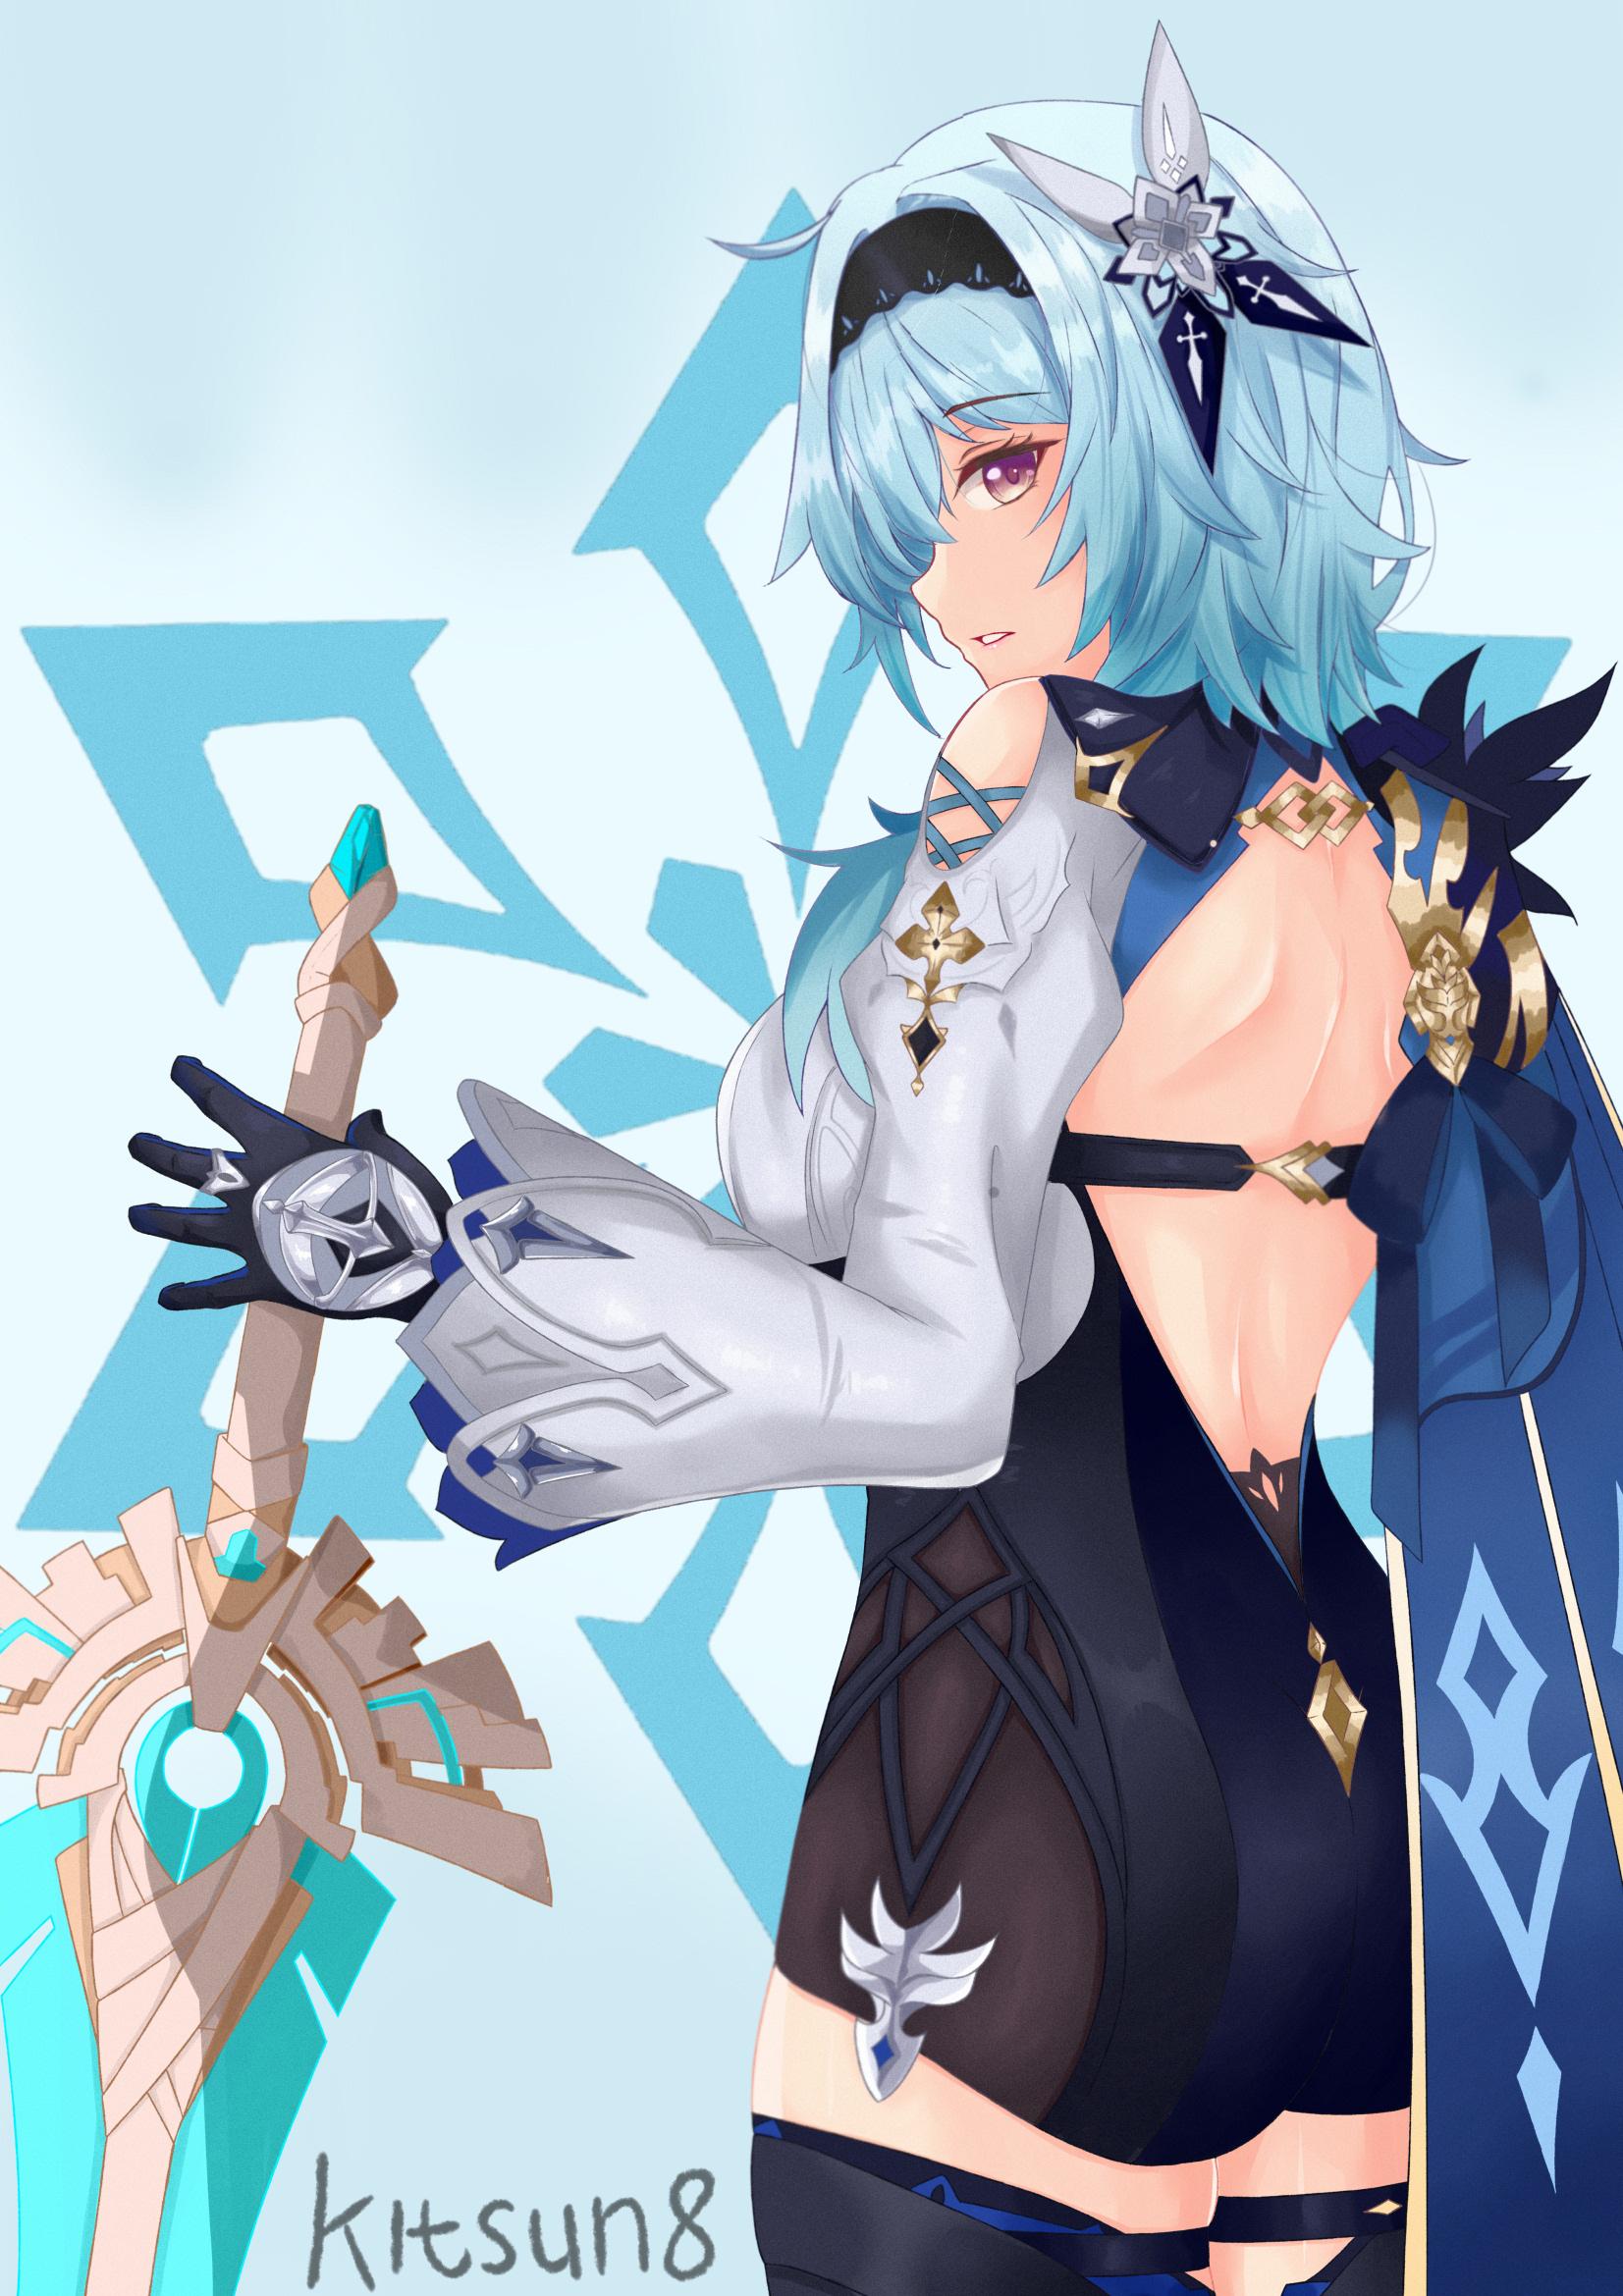 Eula Genshin Impact Image 3266506 Zerochan Anime Image Board